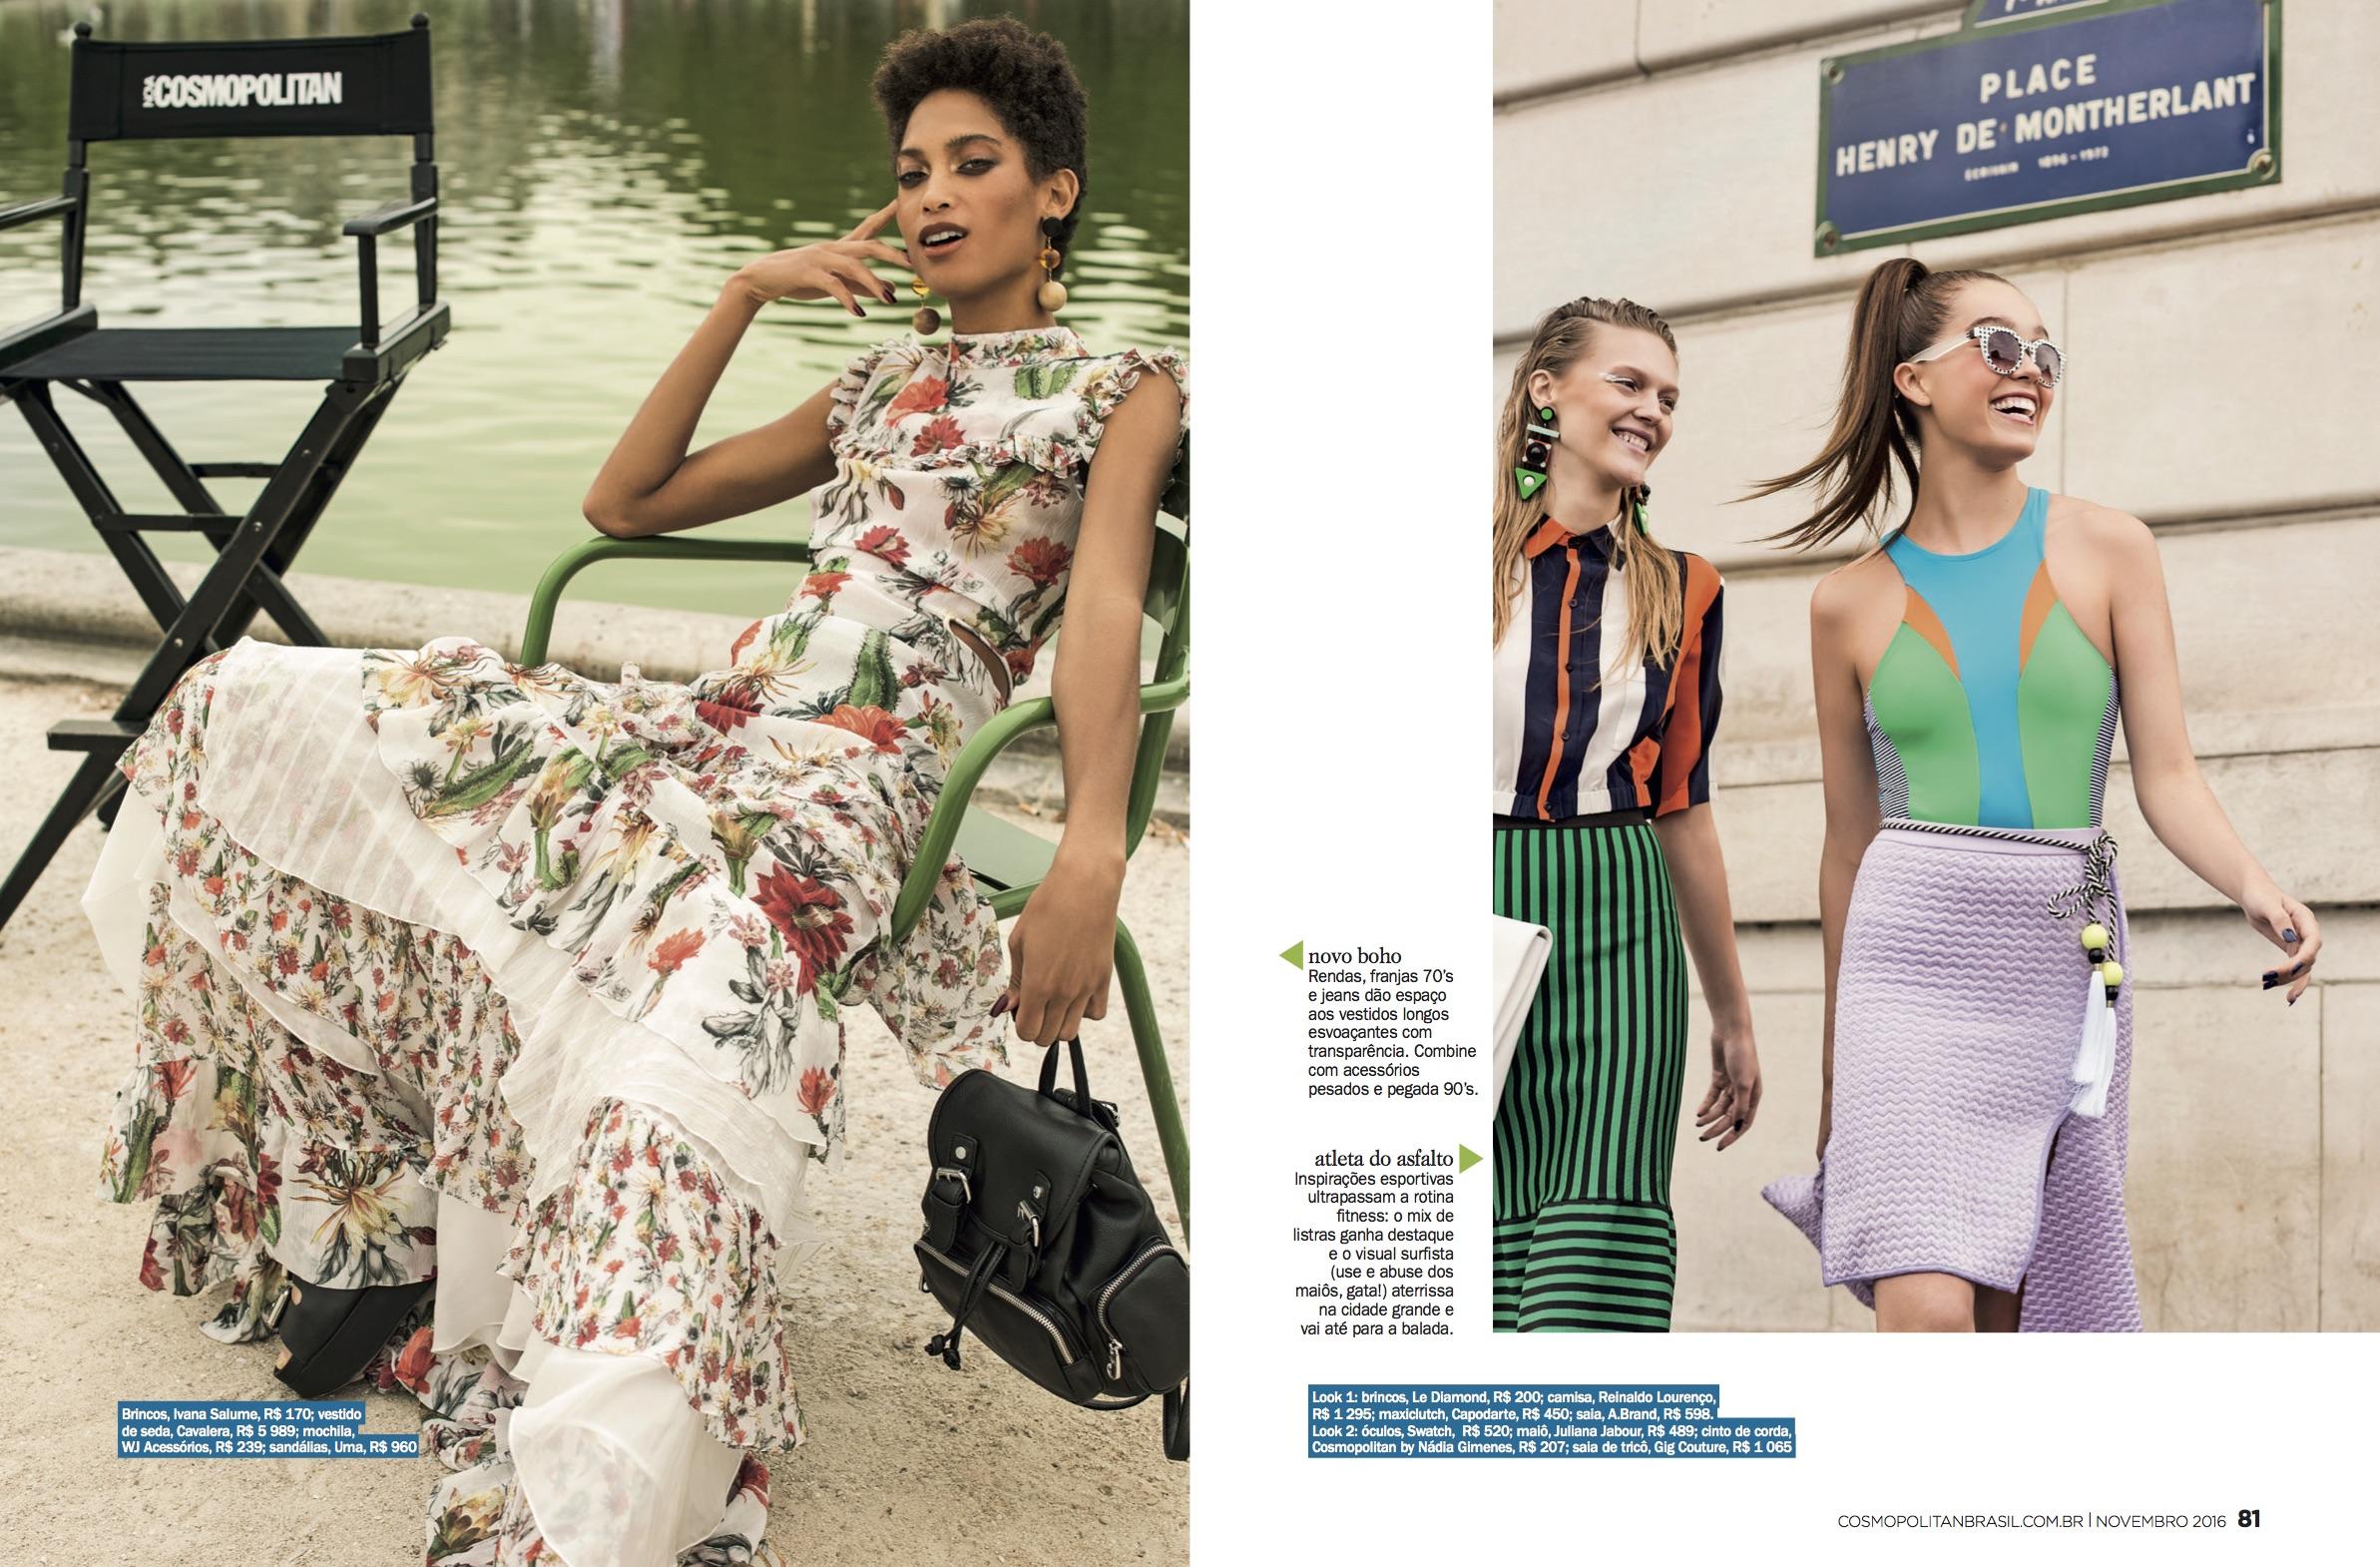 Cosmopolitan Br November 3.jpg